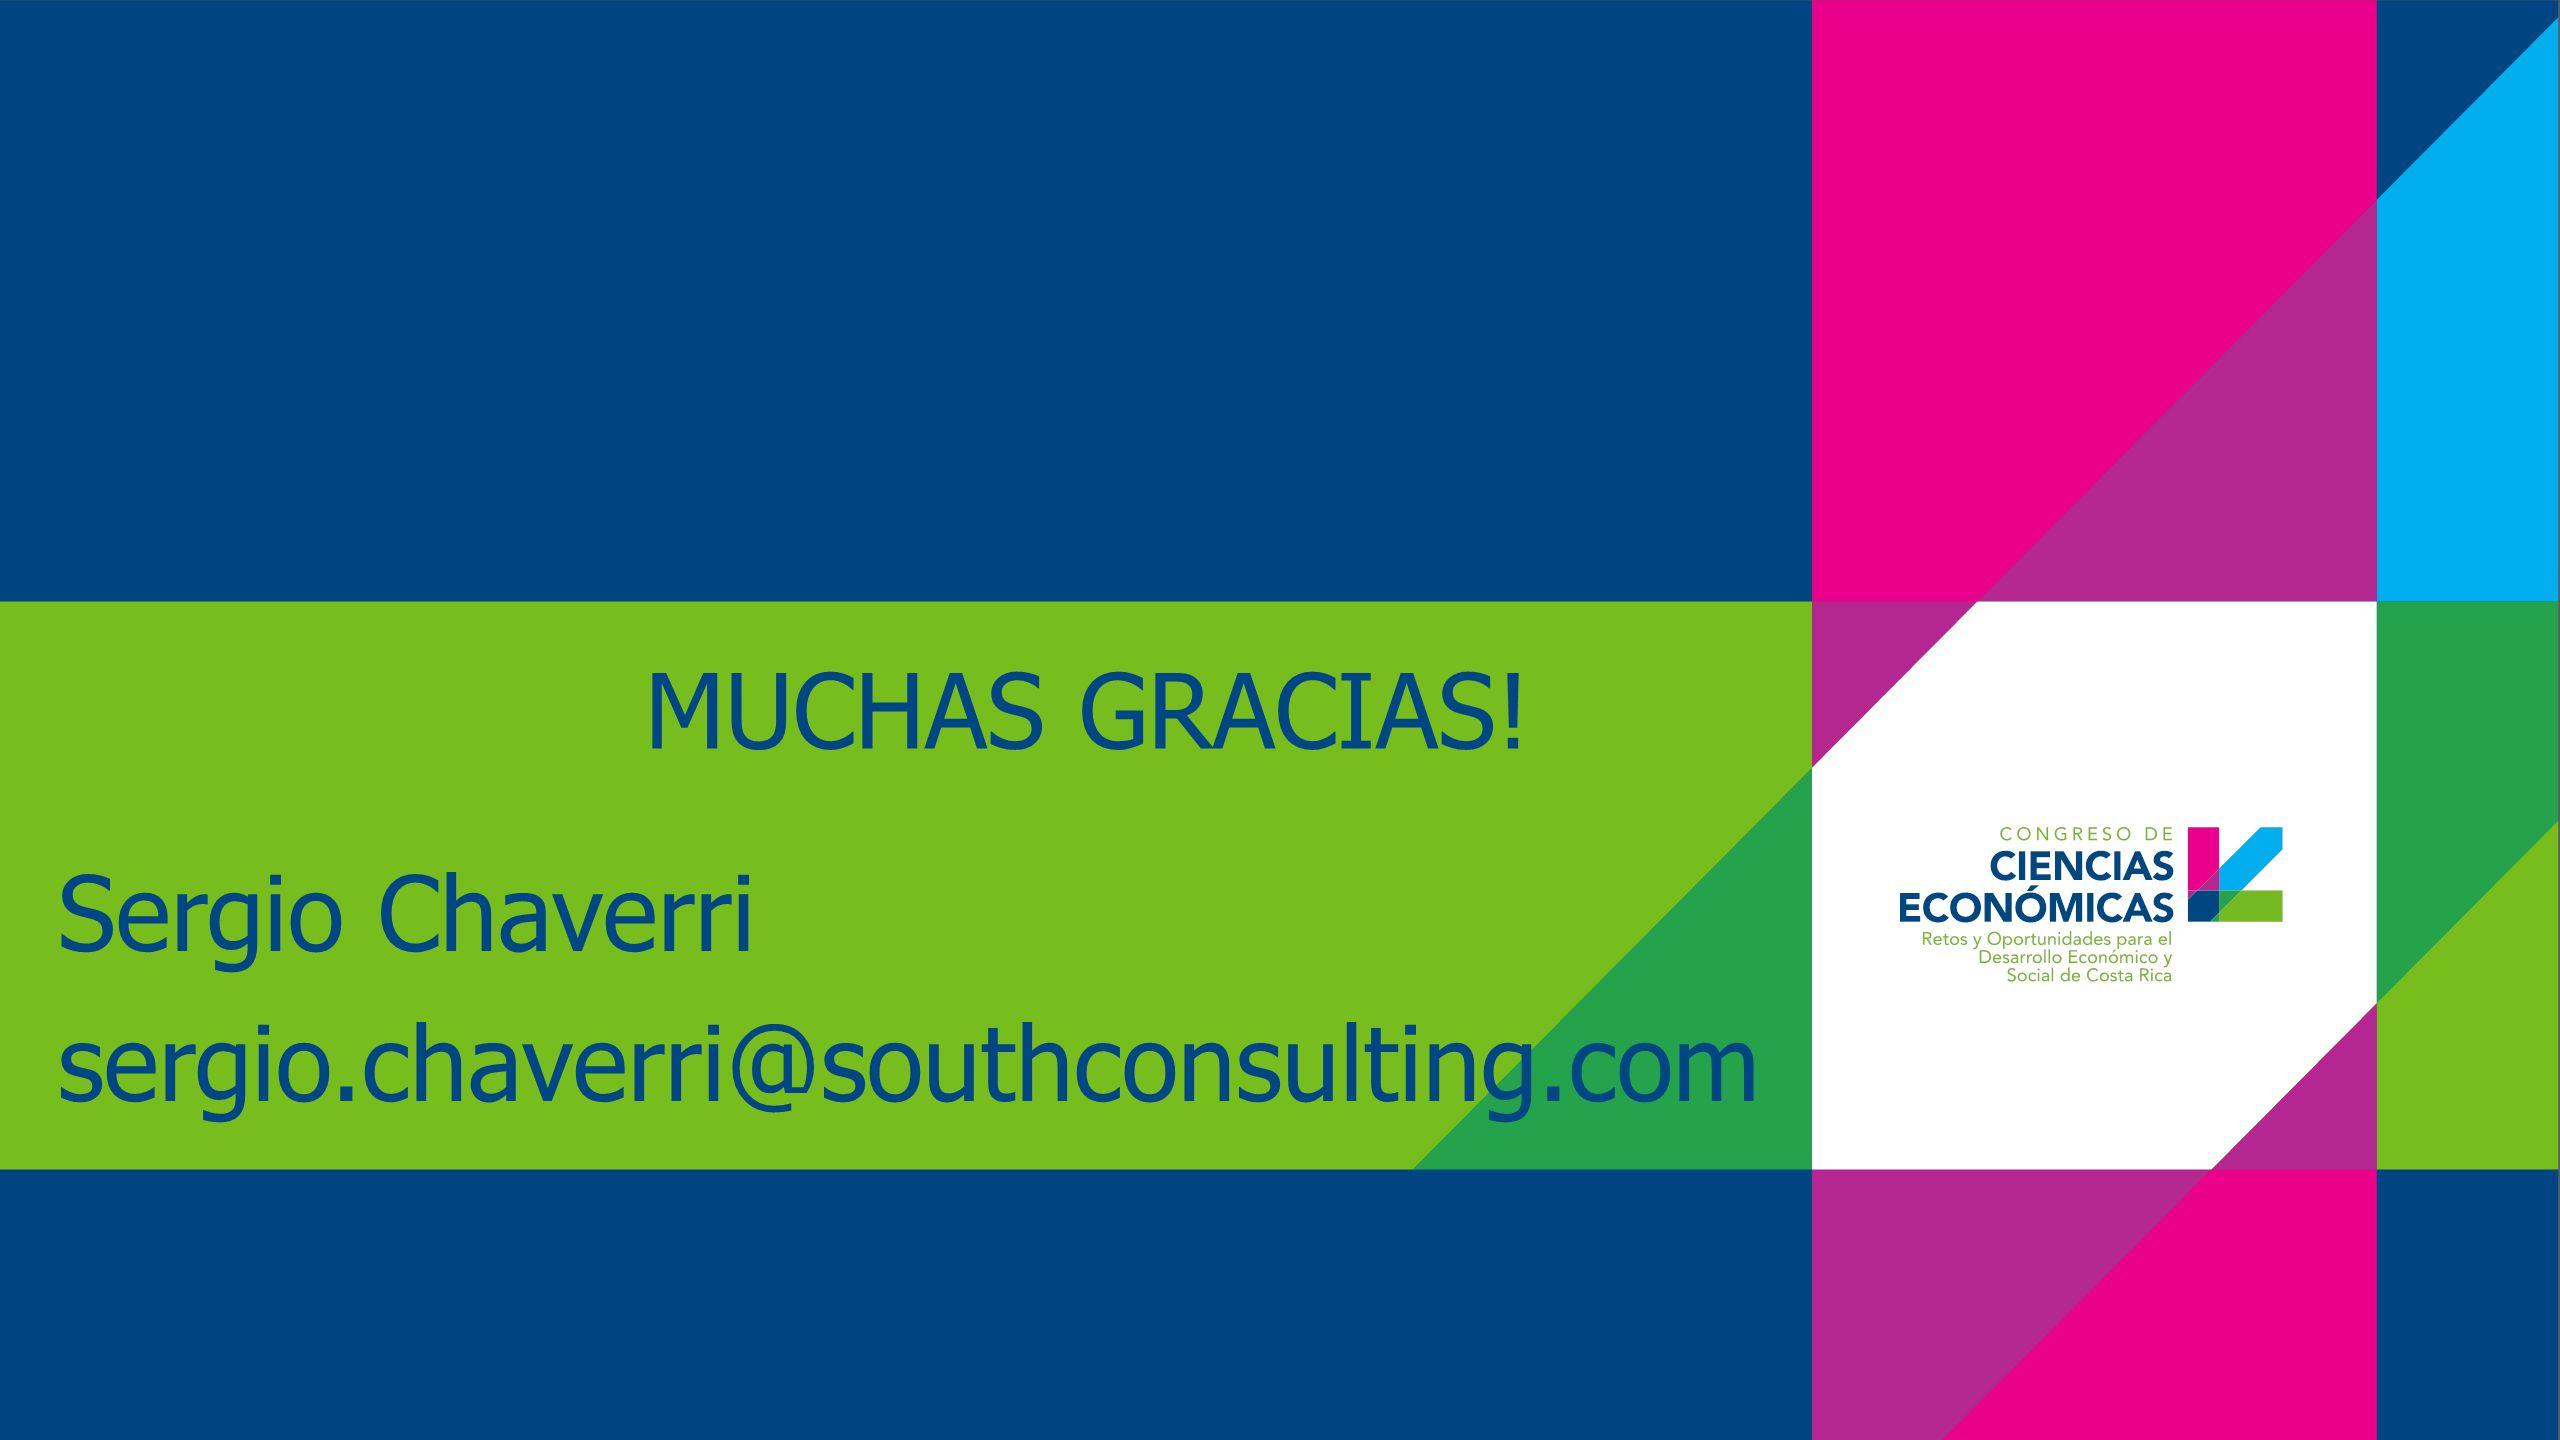 Sergio Chaverri sergio.chaverri@southconsulting.com